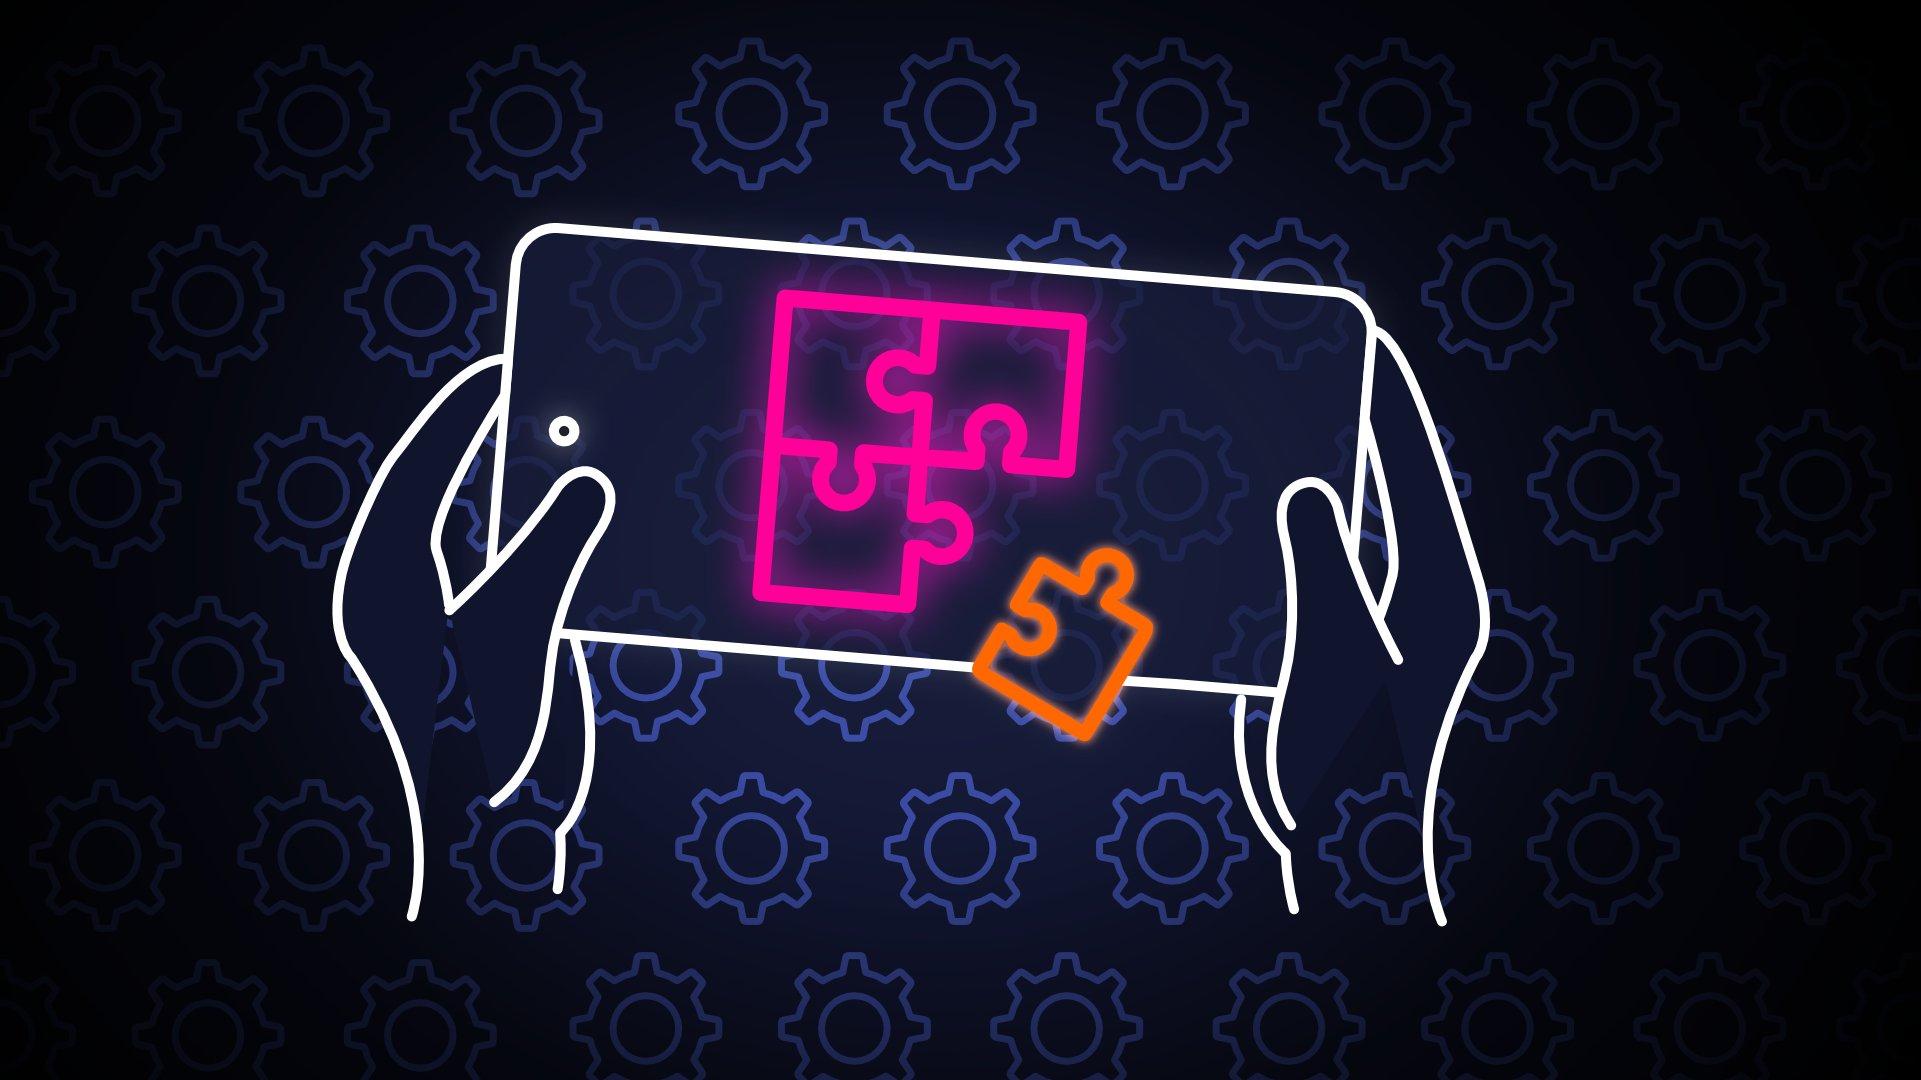 Les Meilleurs Jeux De Réflexion Gratuits Et Payants Sur Android encequiconcerne Jeux De Fille De 11 Ans Gratuit